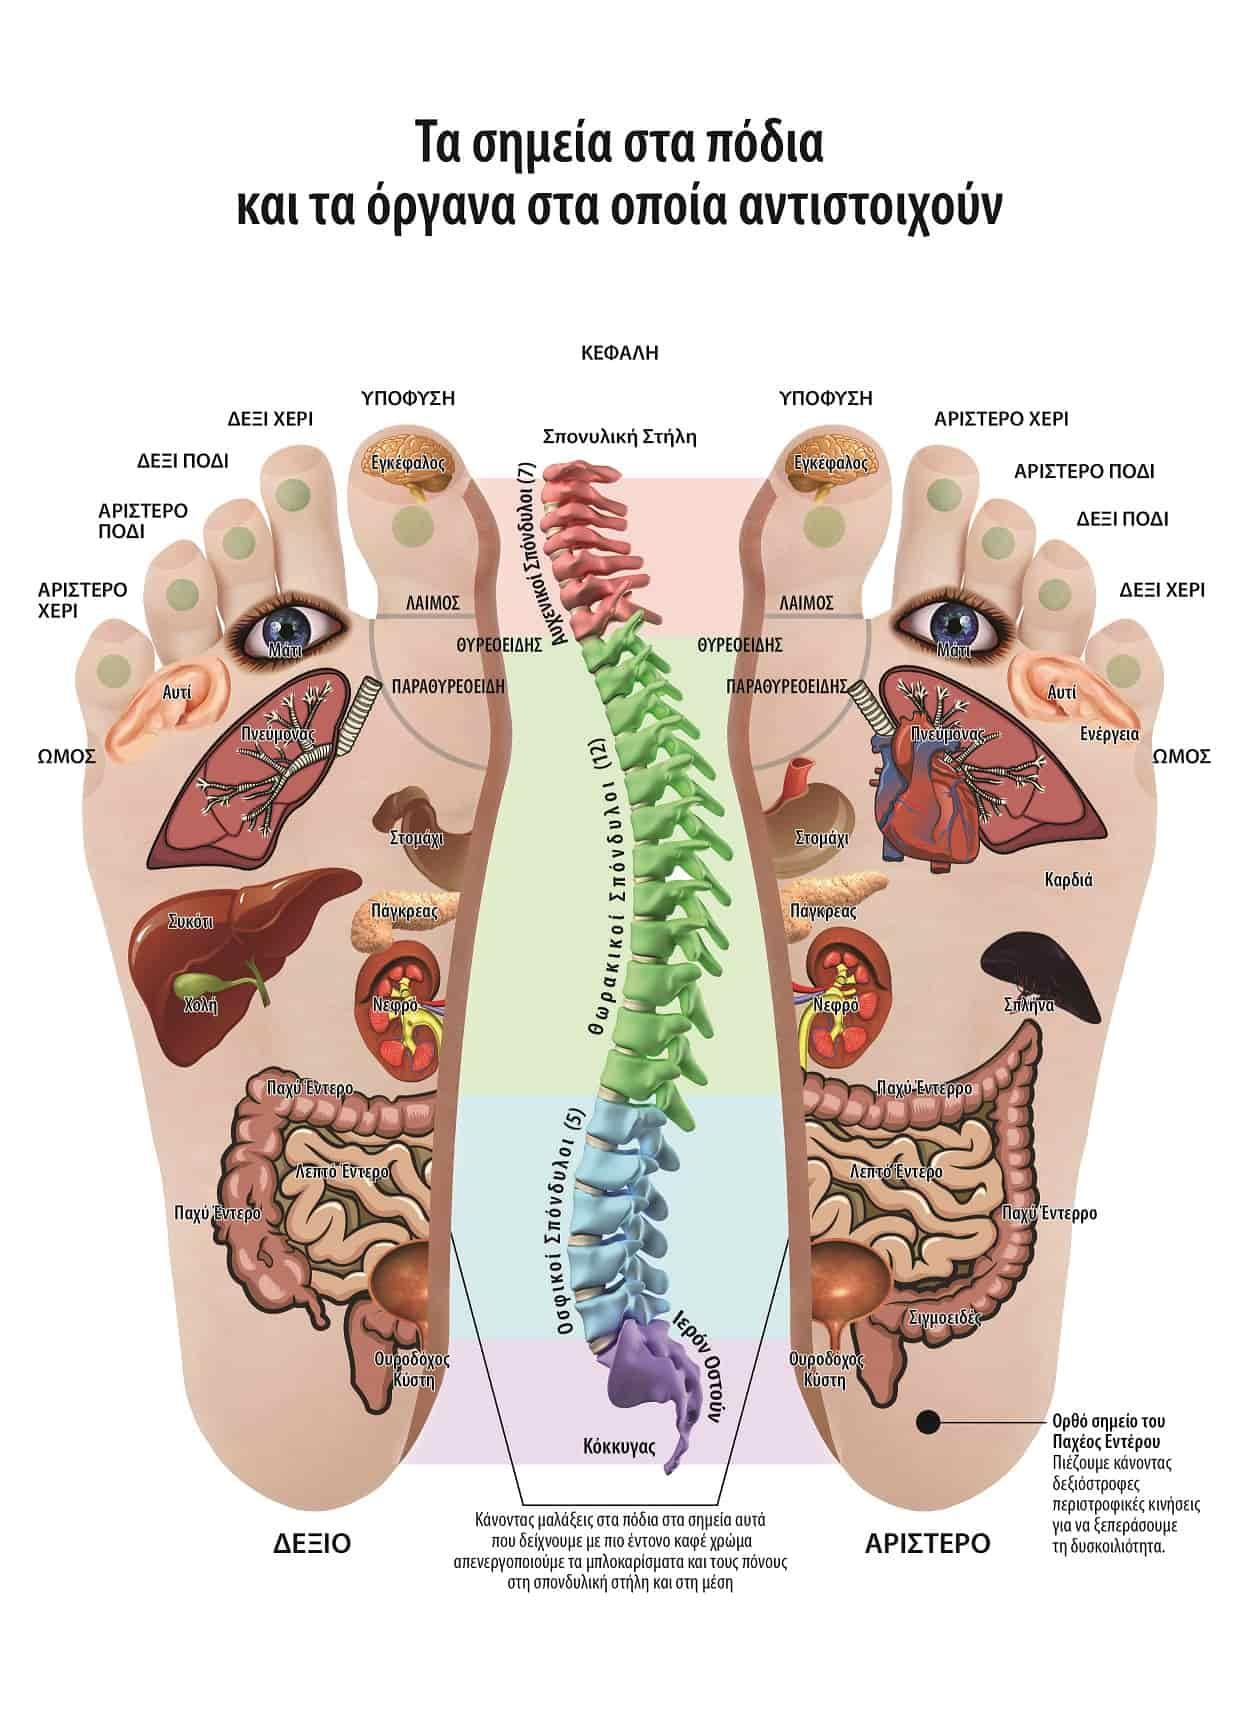 Απαλλαγείτε από προβλήματα σε σπονδυλική στήλη, σκολίωση, καμπούρα, πόνους και κήλες στη μέση